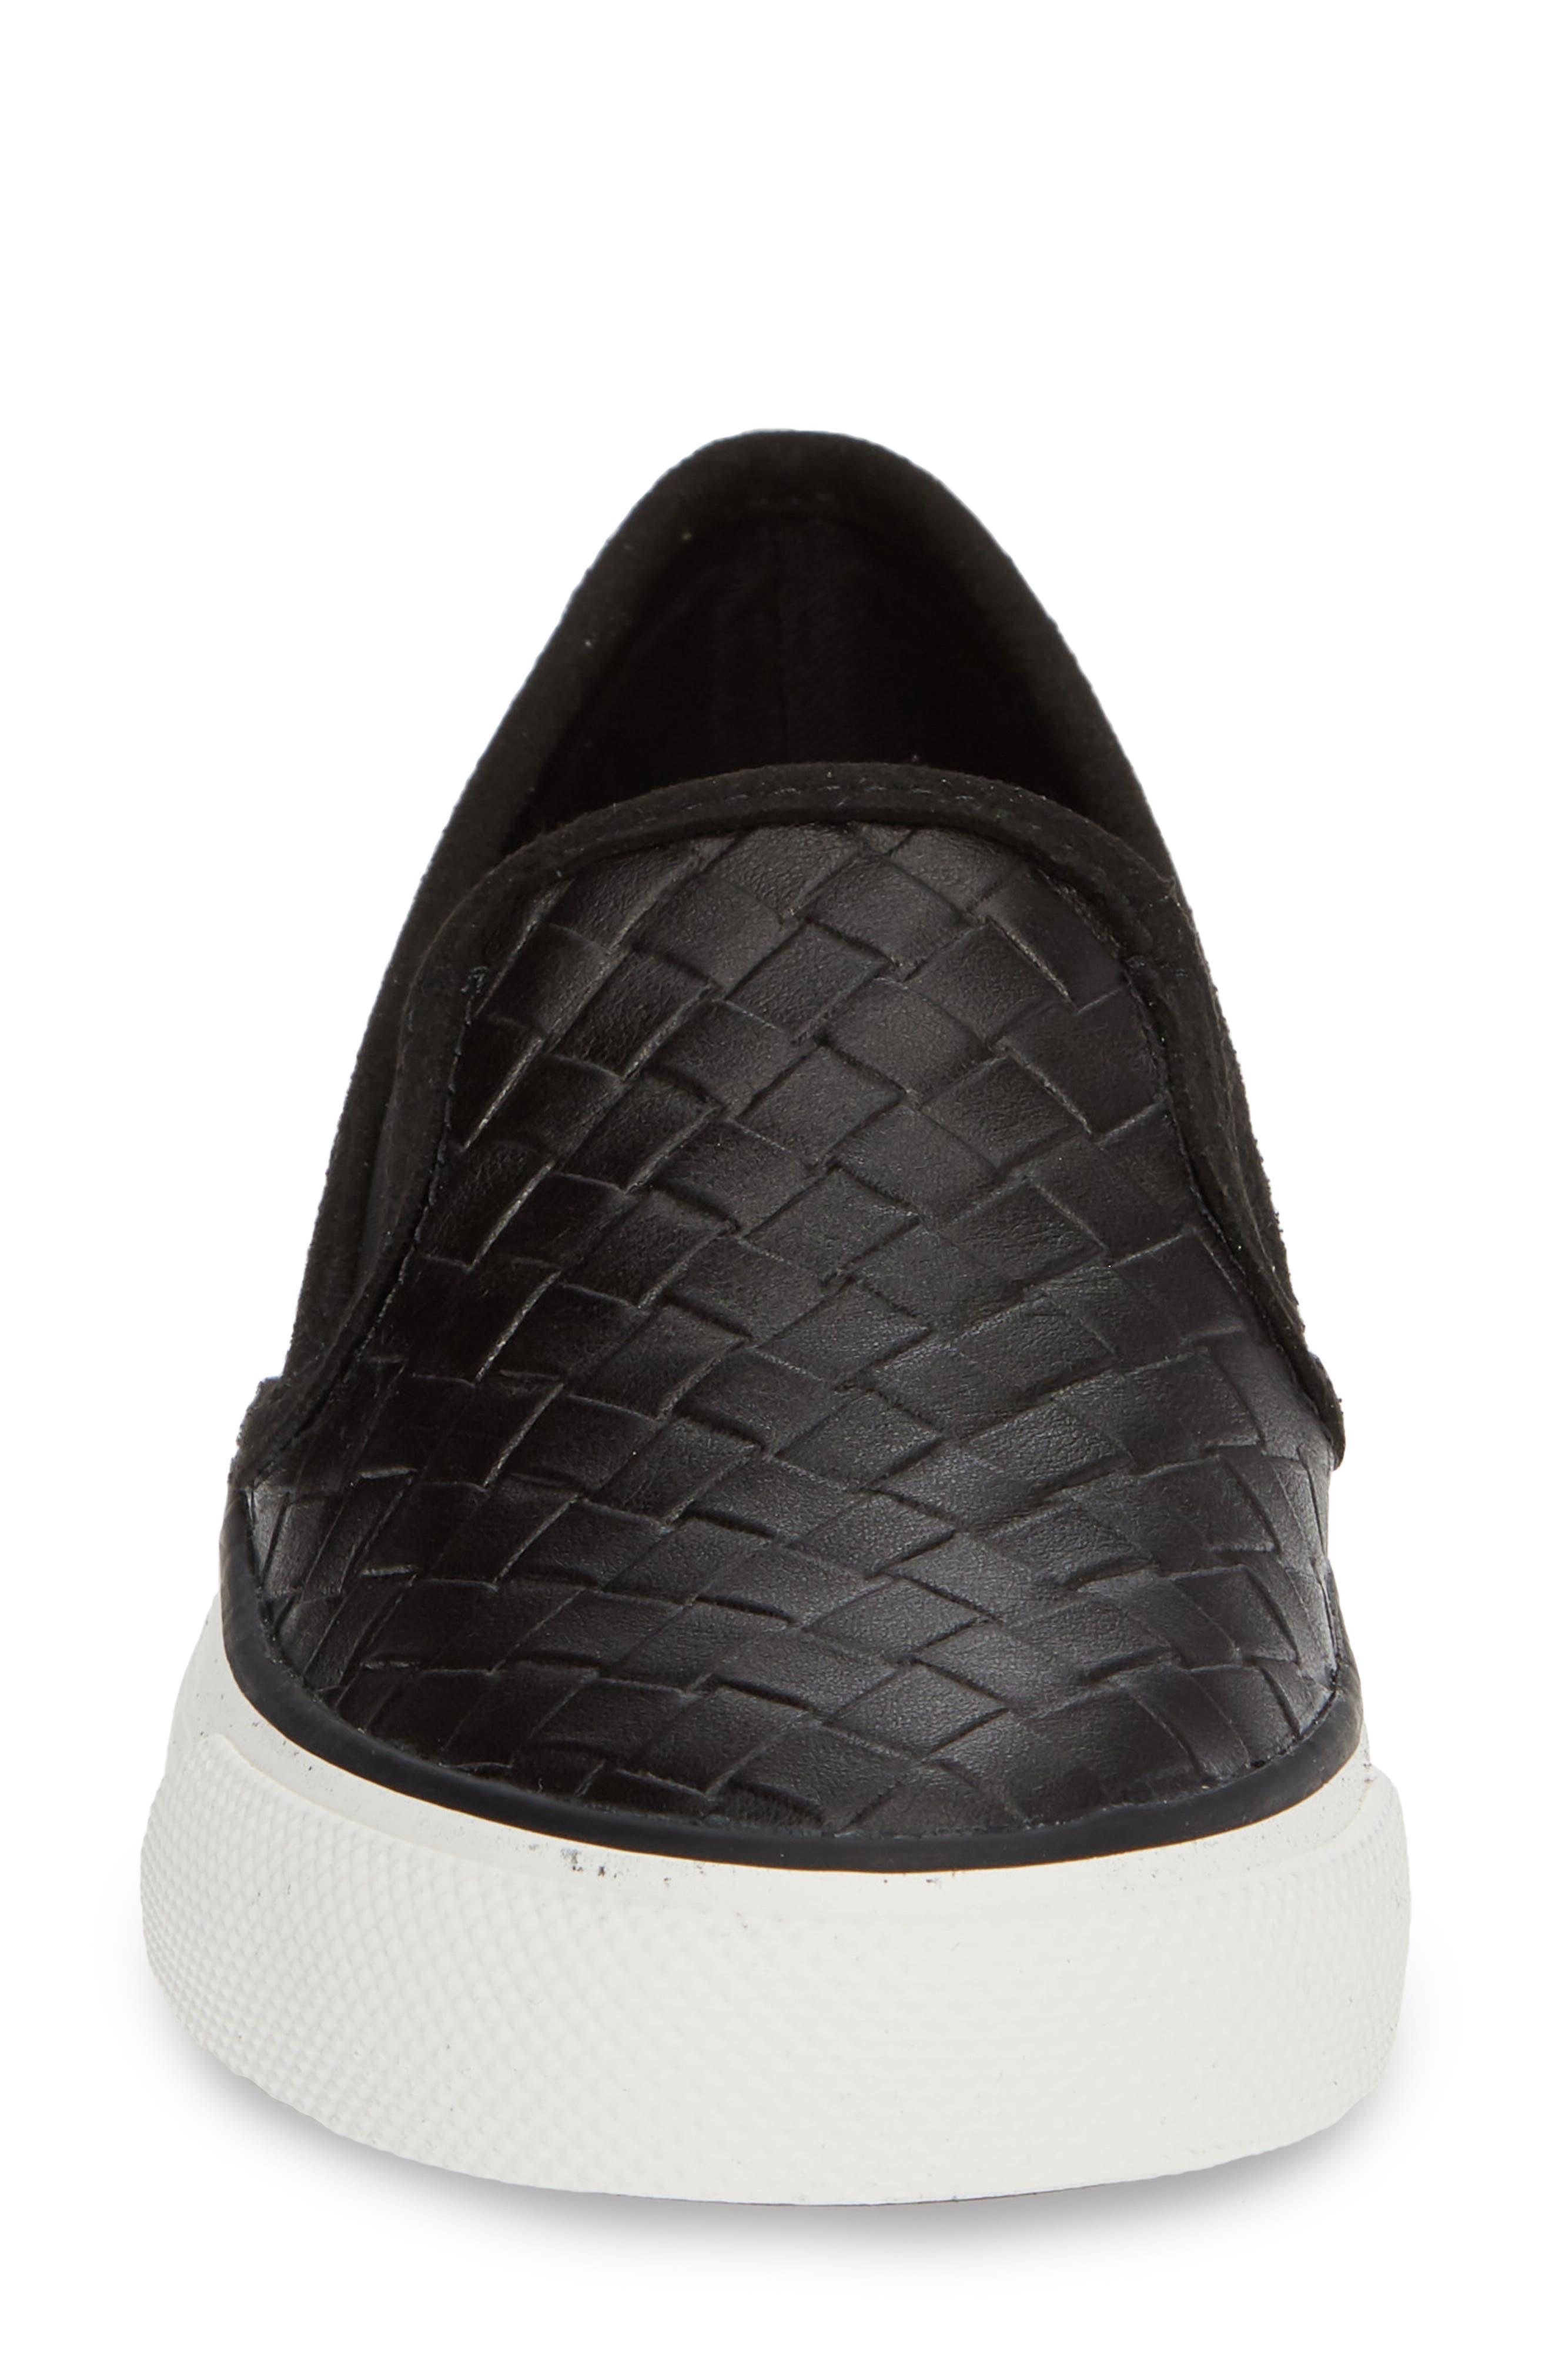 Seaside Embossed Weave Slip-On Sneaker,                             Alternate thumbnail 4, color,                             001